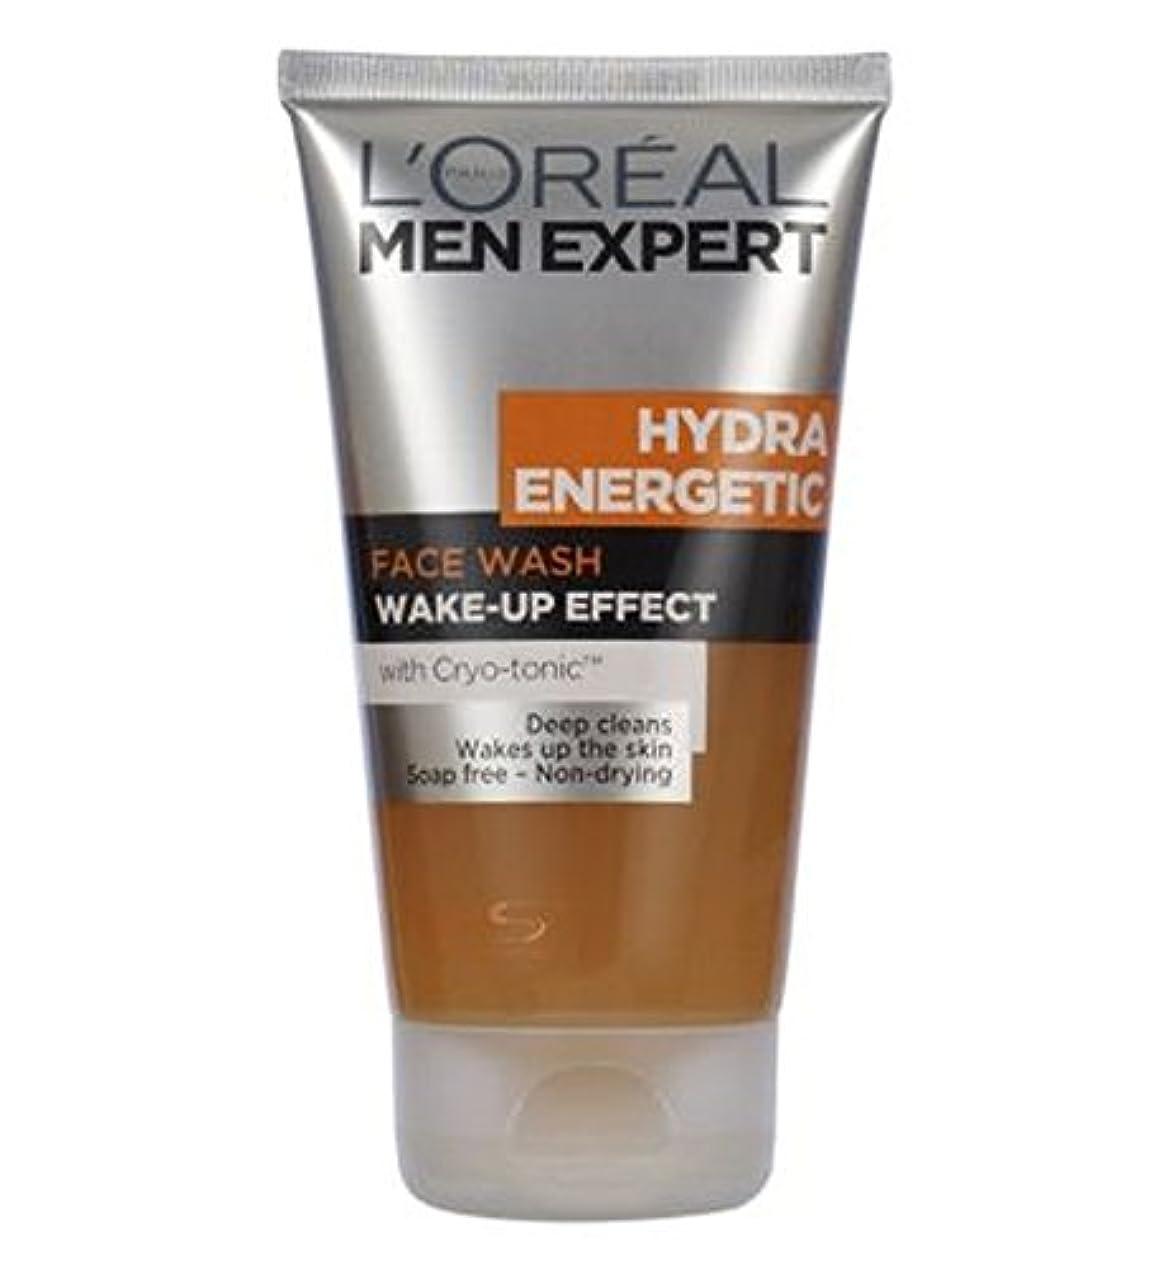 ドアミラースクラブアリーナロレアルの男性の専門家ヒドラエネルギッシュな洗顔150ミリリットル (L'Oreal) (x2) - L'Oreal Men Expert Hydra Energetic Face Wash 150ml (Pack of...